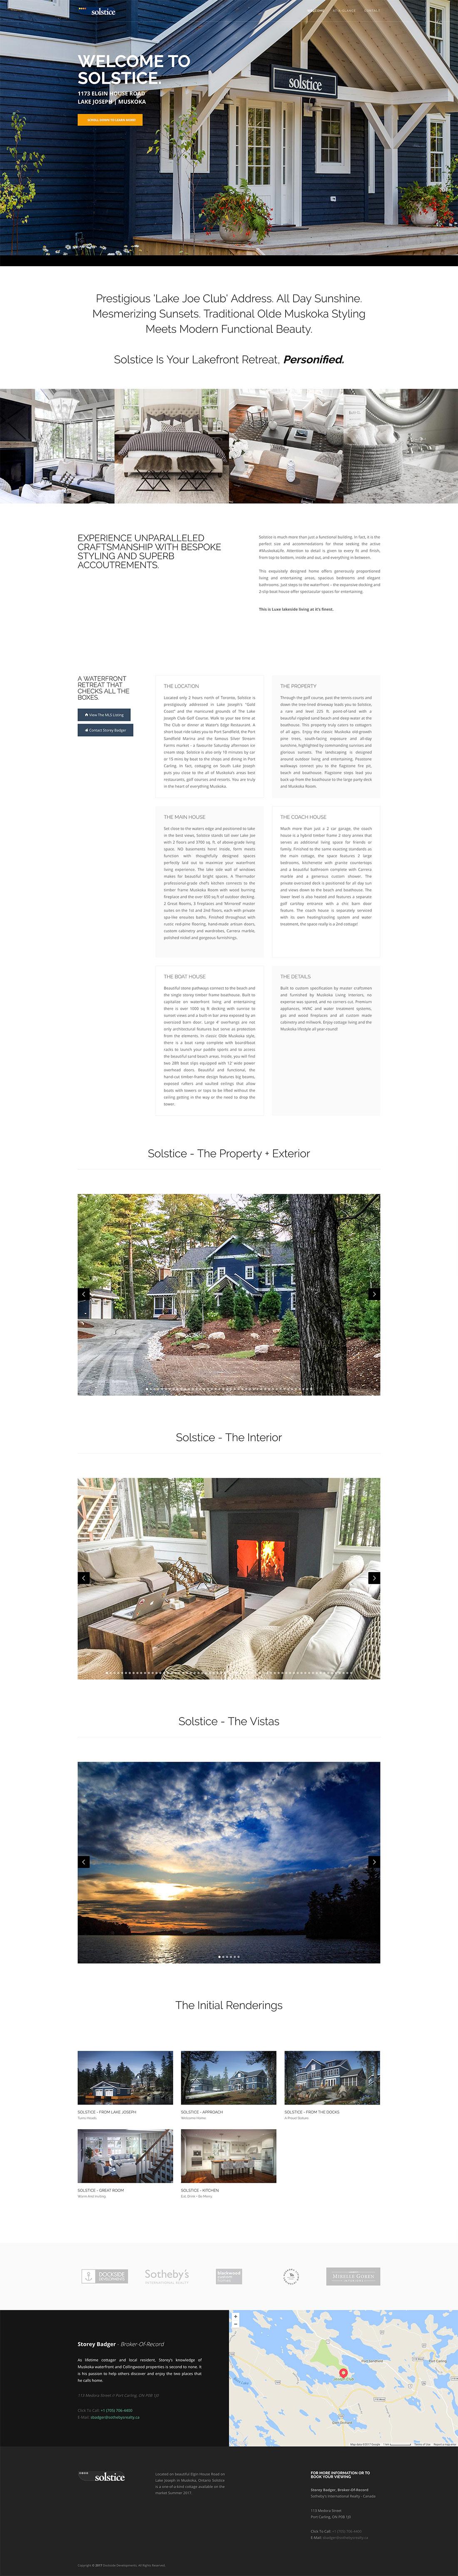 Solstice - Web Site